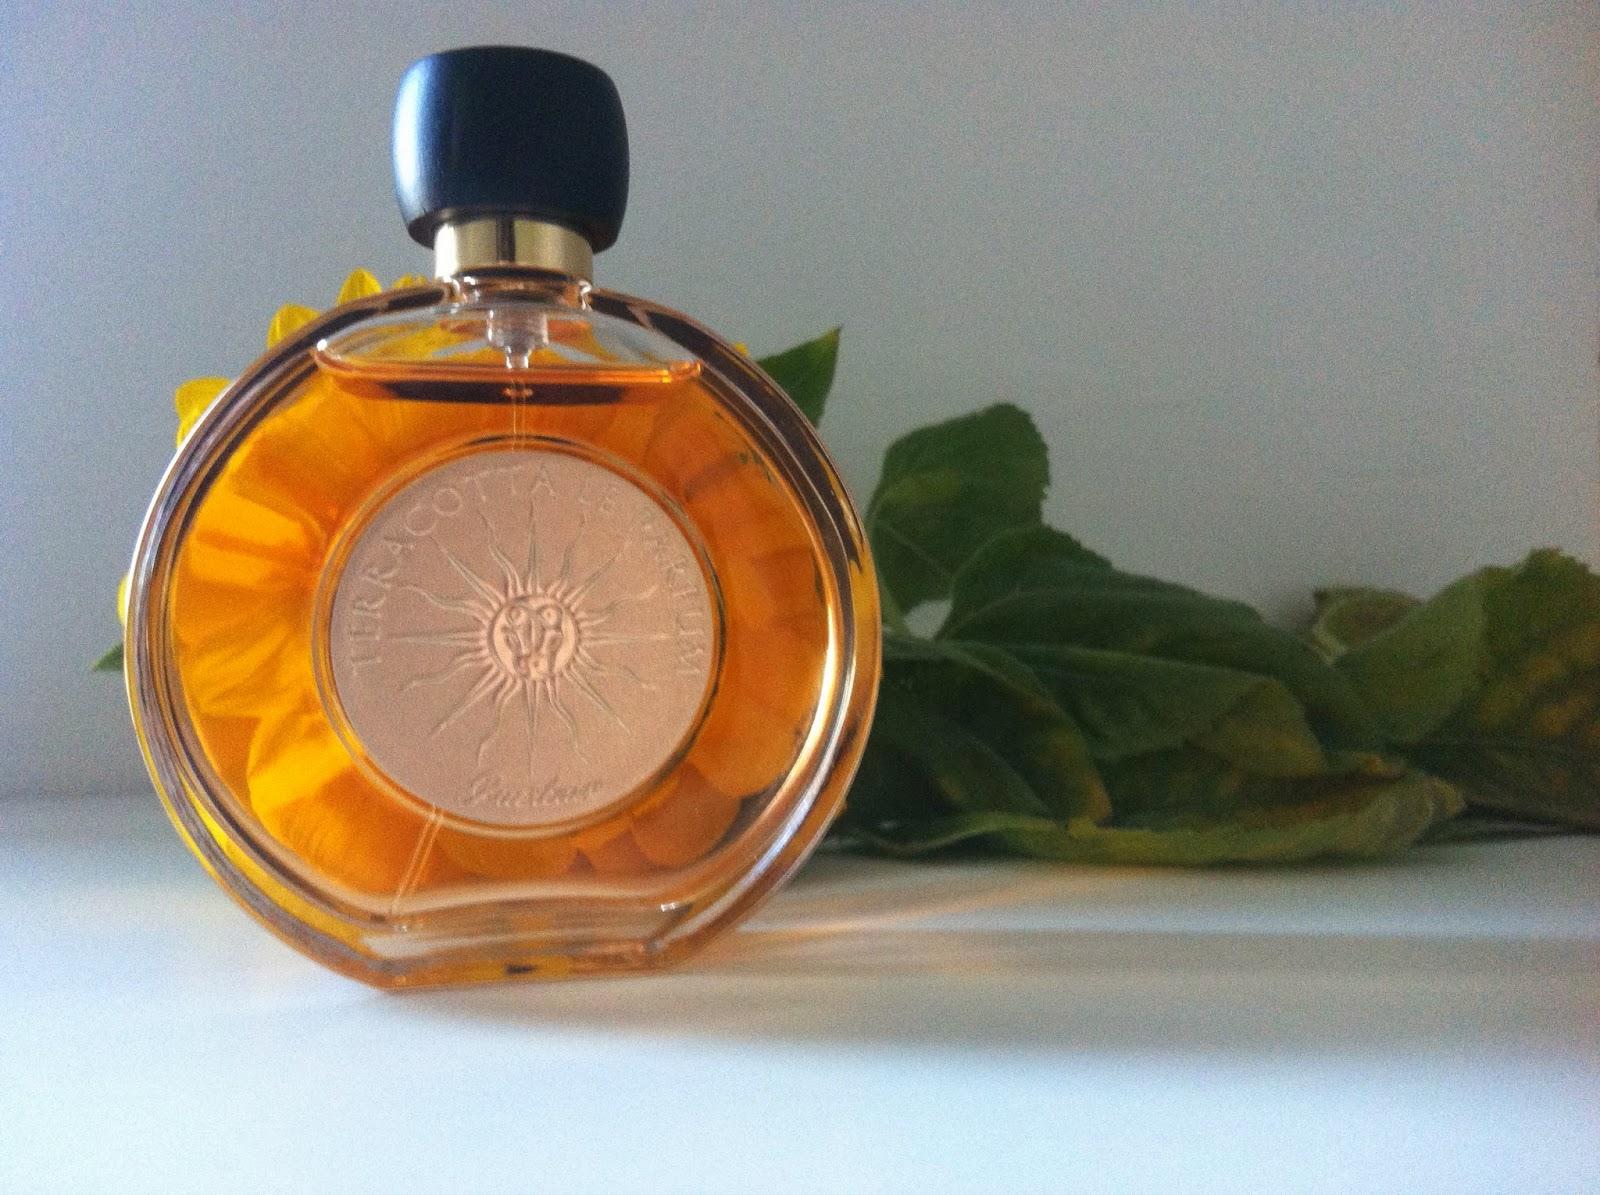 profumi estate 2014, guerlain terracotta parfum, guerlain terracotta profumo, guerlain profumi